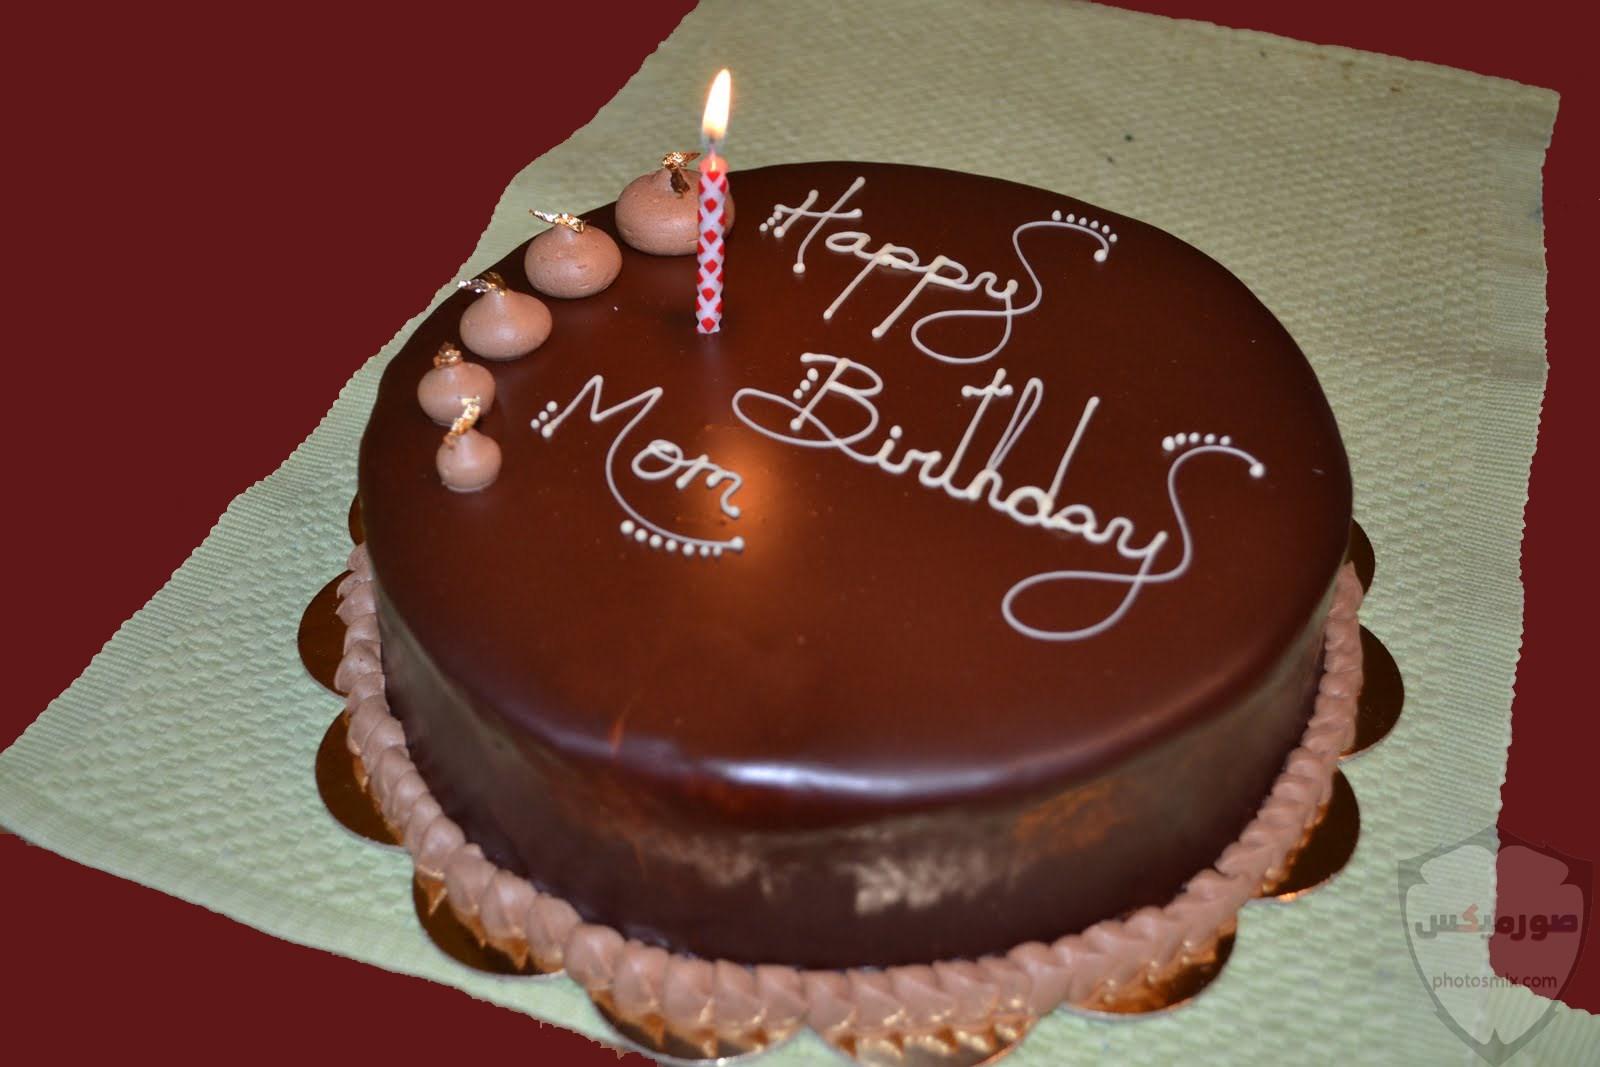 اجمل صور تورتة عيد ميلاد للاحتفال بالحبيب والصديق 2